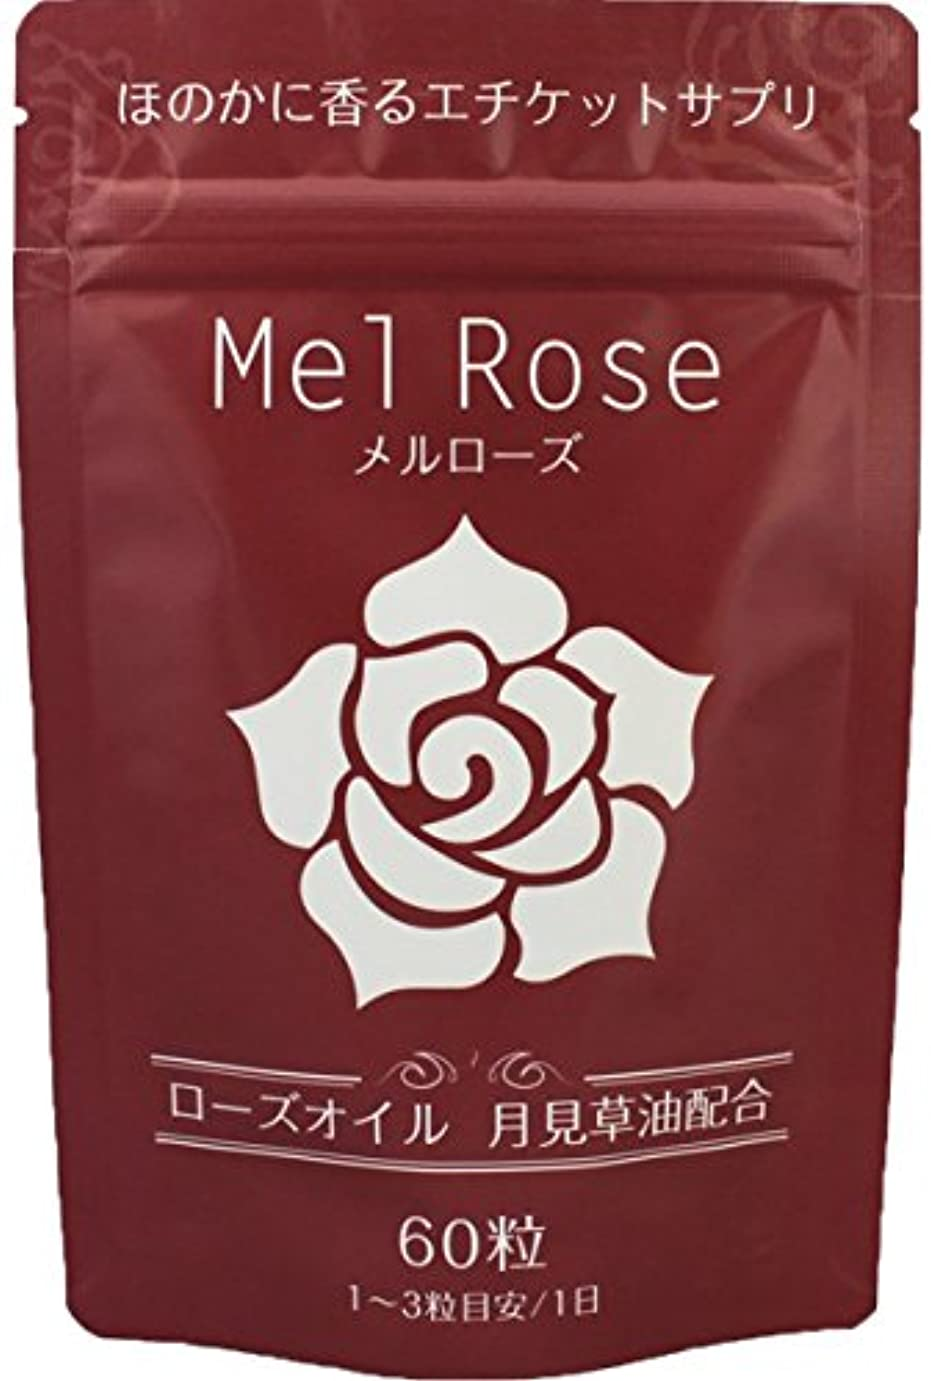 散髪教えて破壊するメルローズ ローズサプリメント 月見草オイル 口臭 体臭 サプリ 薔薇 飲むフレグランス 60粒入り